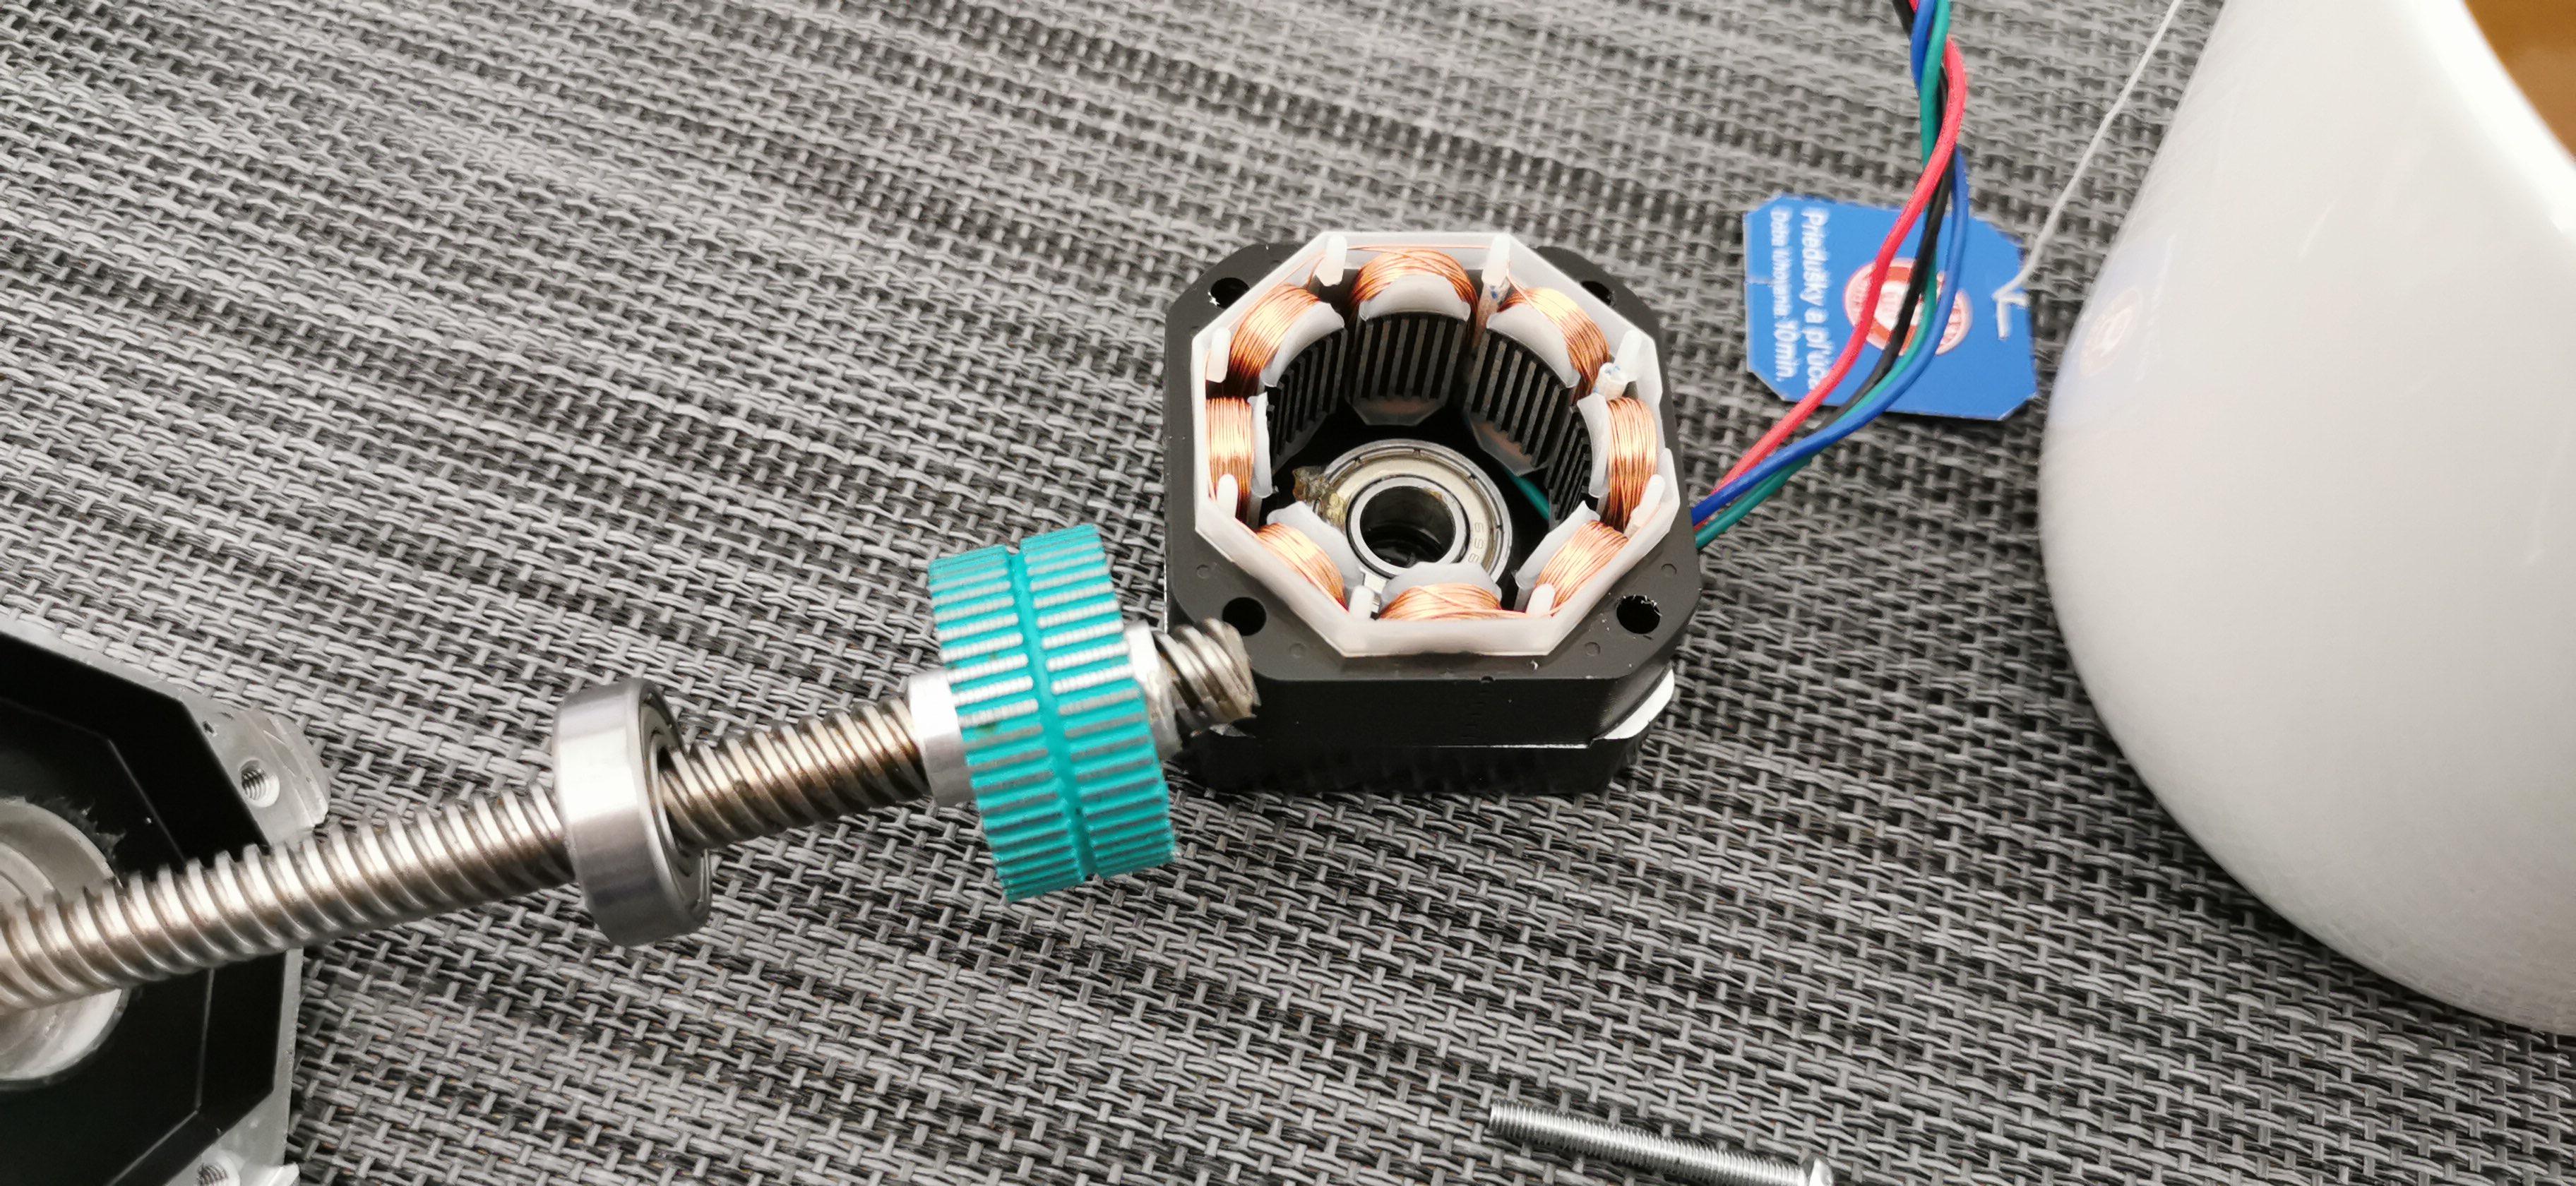 IMG-20191007-WA0000.jpeg Télécharger fichier STL gratuit Moteur Prusa d'origine - Rotor à étrier - Rotor de protection lors du démontage • Objet imprimable en 3D, fidak45